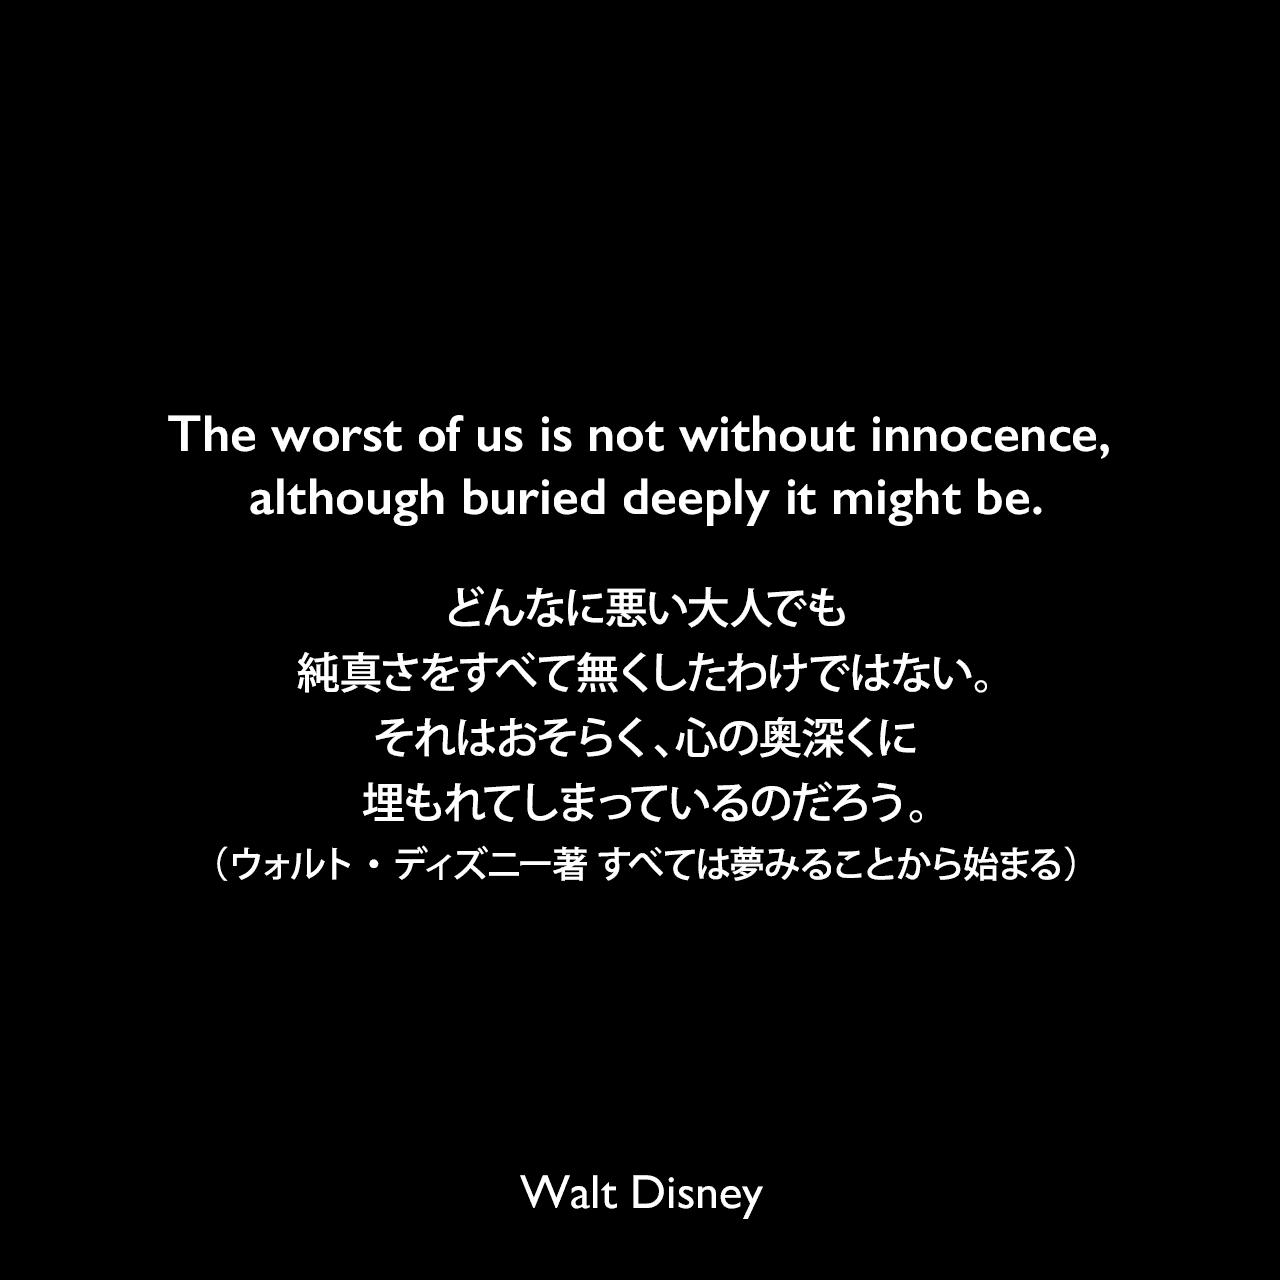 The worst of us is not without innocence, although buried deeply it might be.どんなに悪い大人でも、純真さをすべて無くしたわけではない。それはおそらく、心の奥深くに埋もれてしまっているのだろう。(ウォルト・ディズニー著 すべては夢みることから始まる)Walt Disney